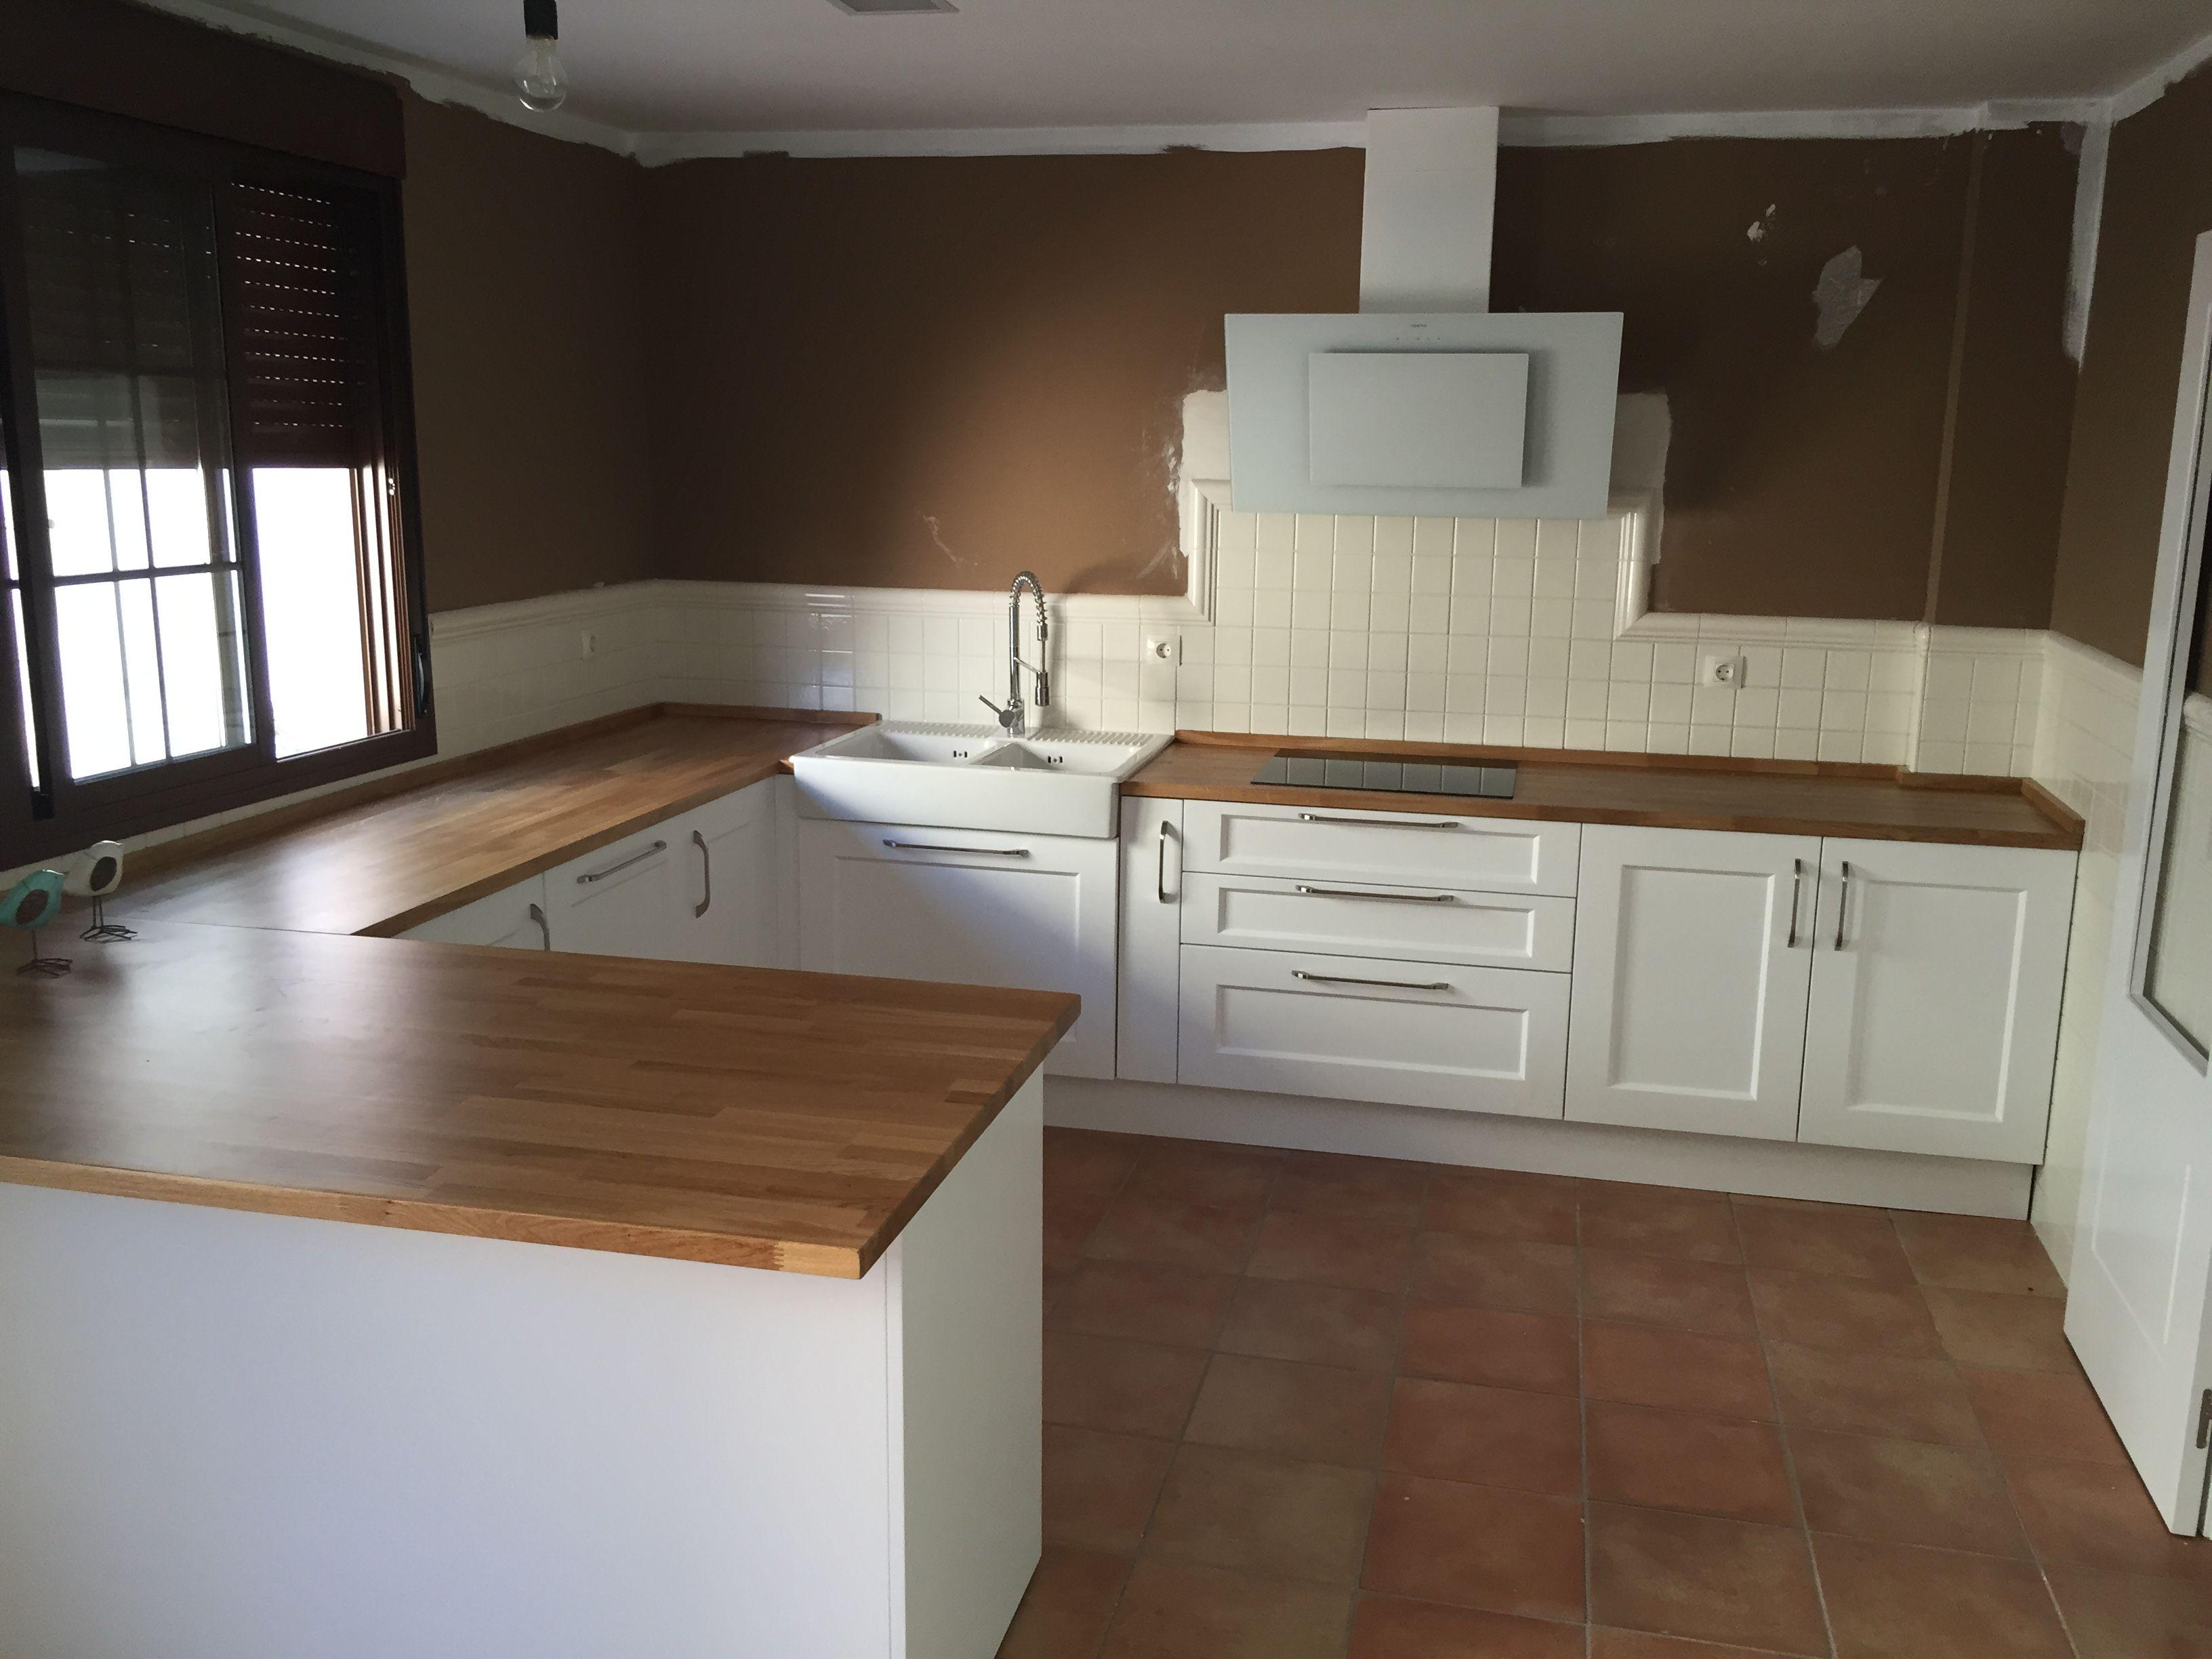 Cocina de dise o n rdico escandinavo puertas lacadas blanco mate y encimera en madera - Cocinas de diseno en sevilla ...